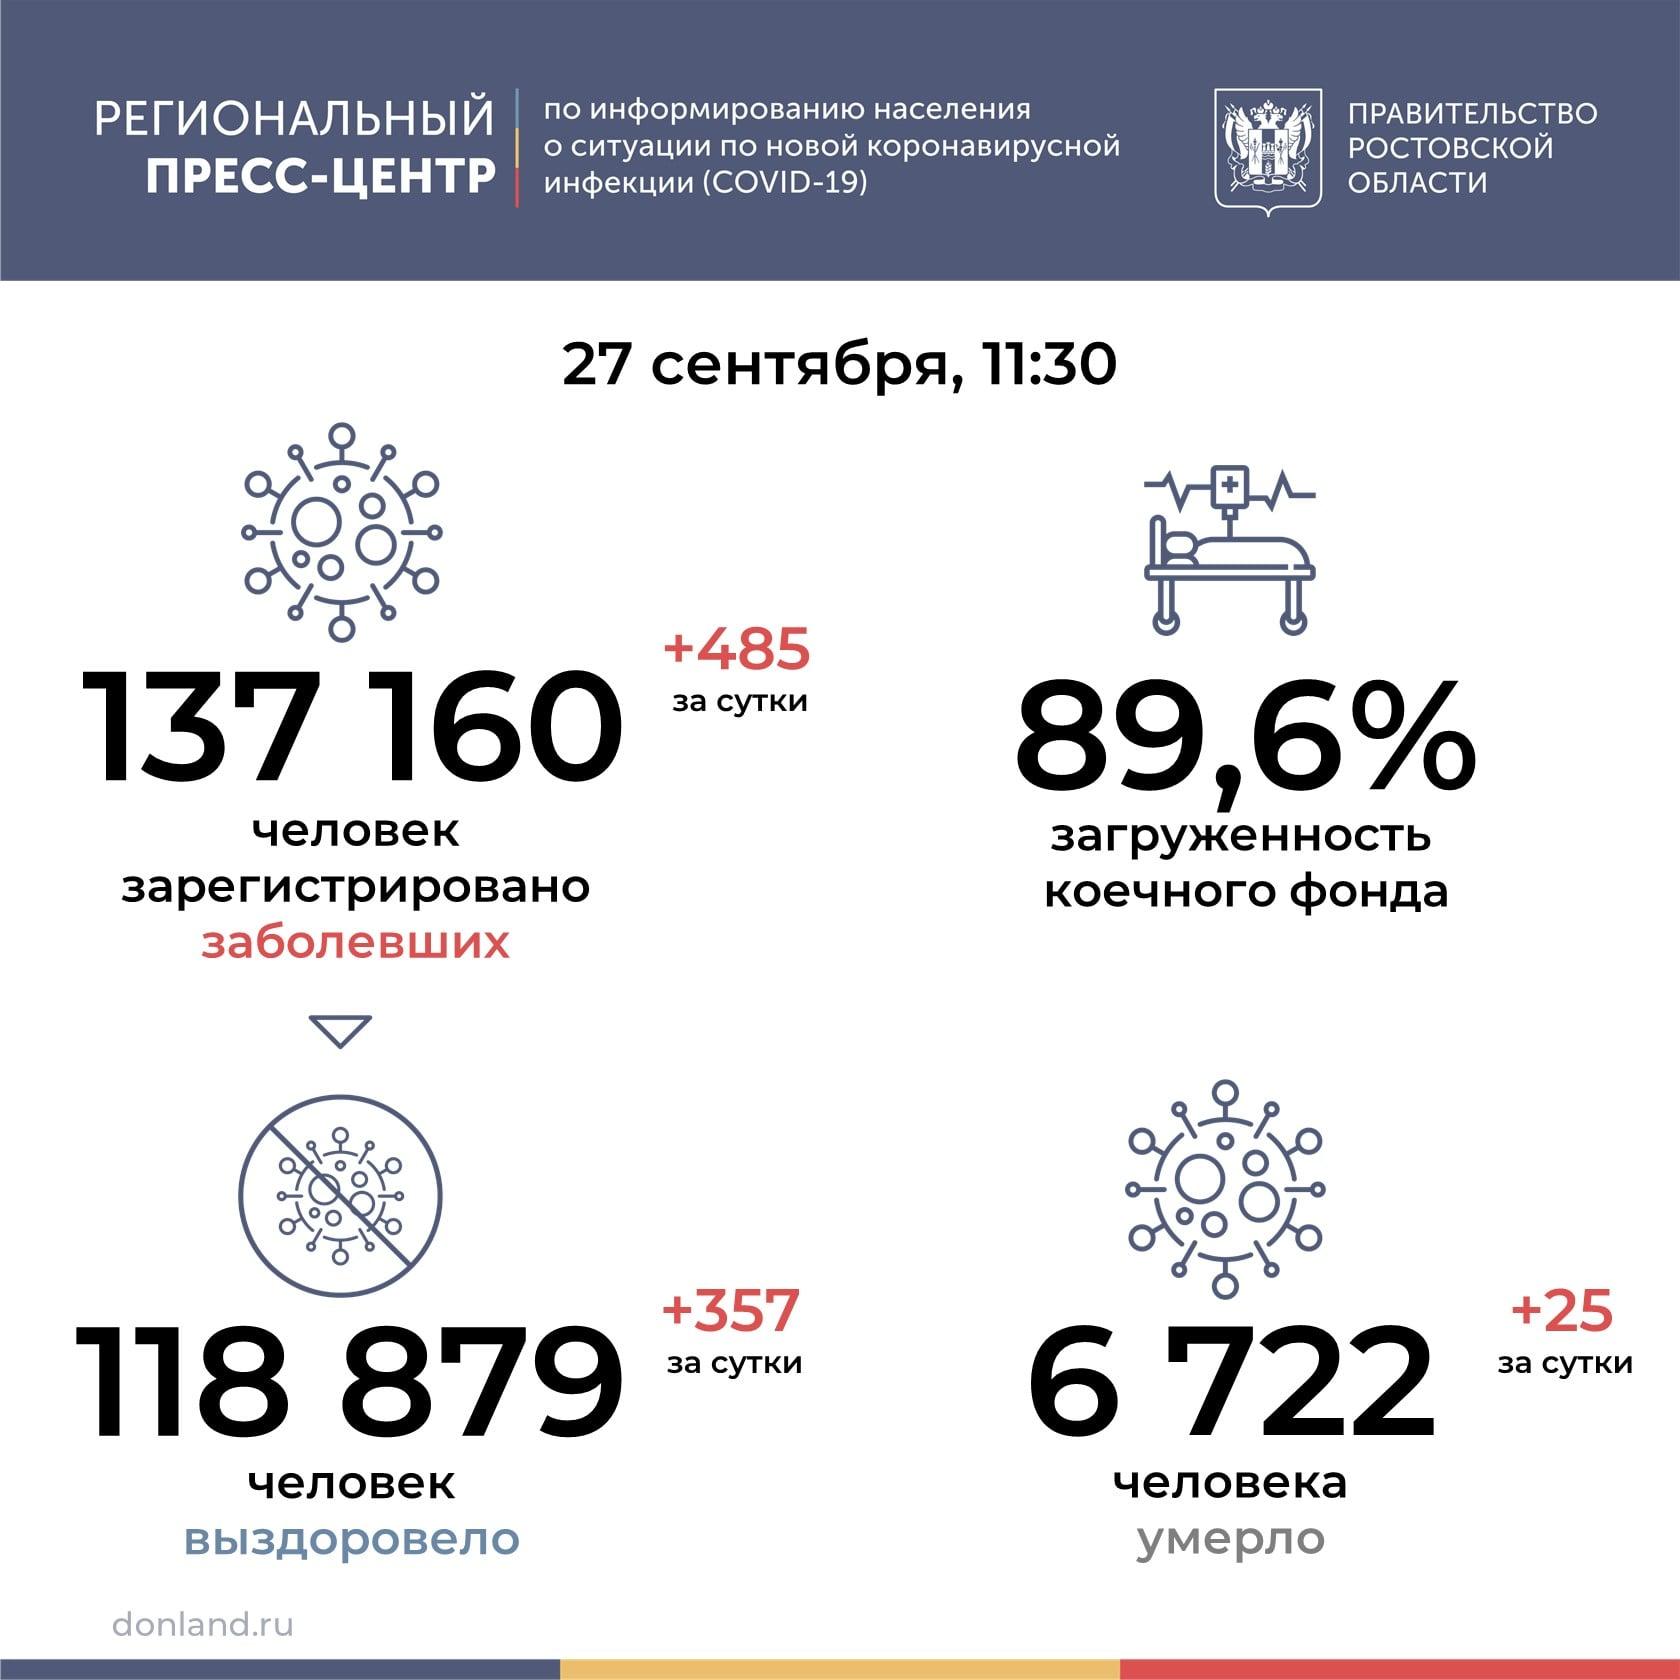 На Дону от COVID-19 умерли 25 человек